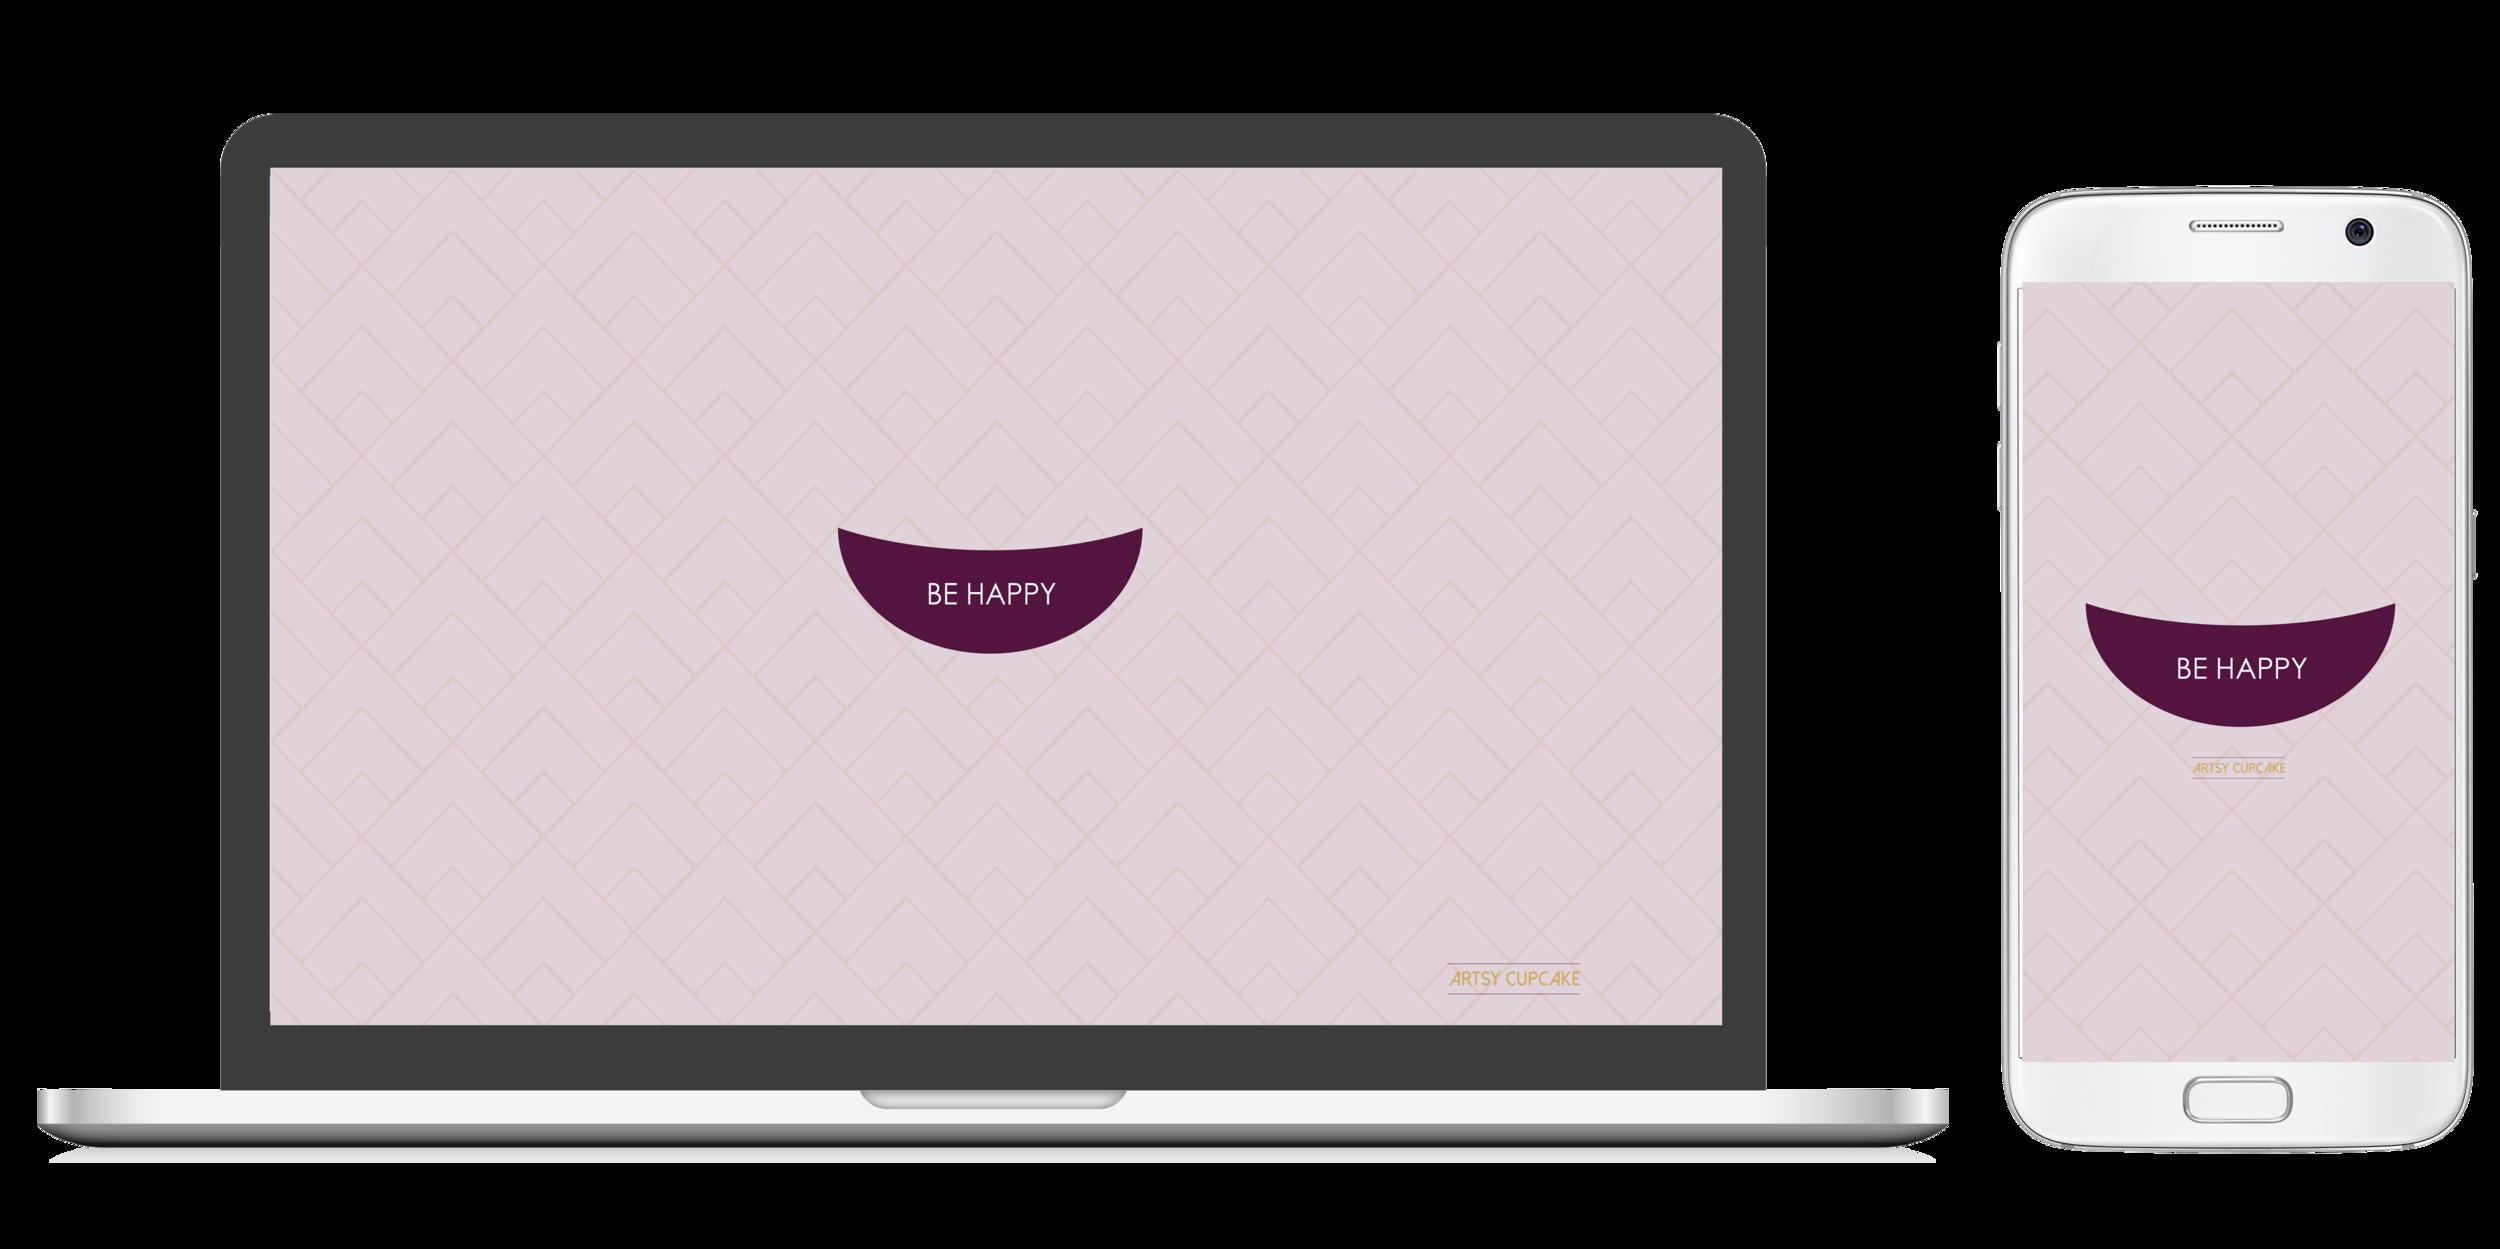 Free happy desktop and iphone wallpaper download